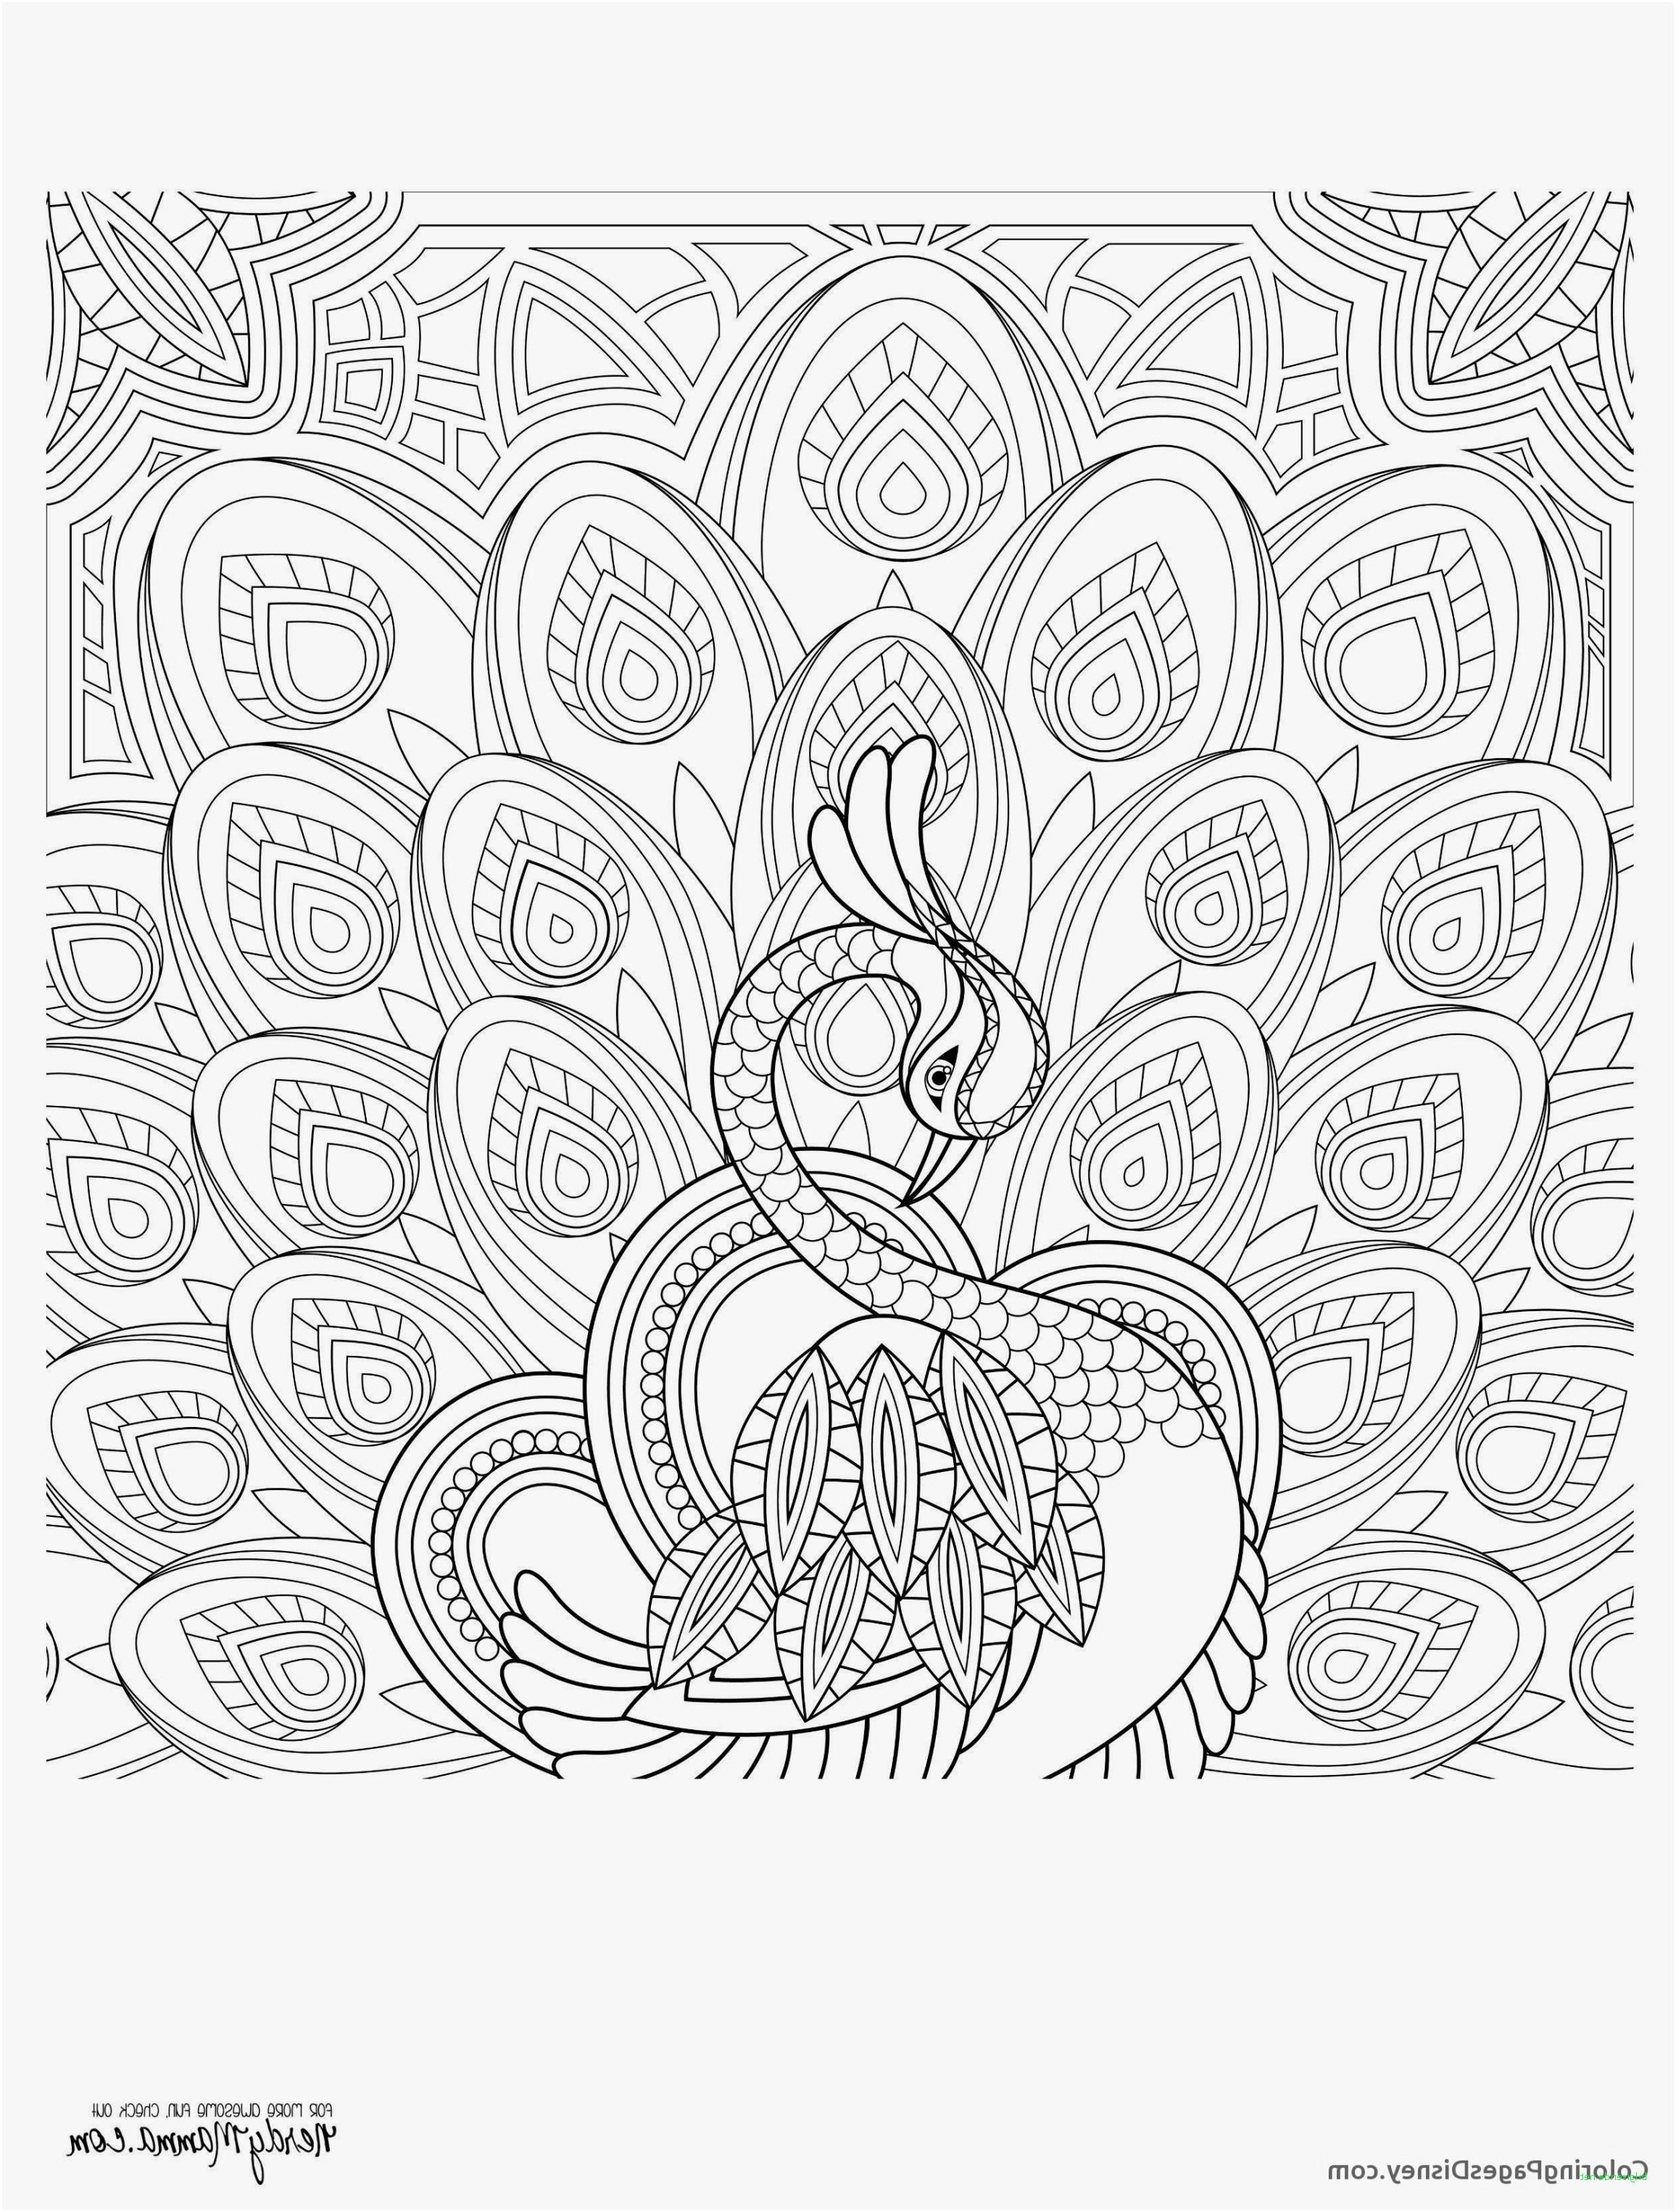 Disney Weihnachtsbilder Ausmalen Genial 34 Lecker Ausmalbild Disney – Große Coloring Page Sammlung Sammlung